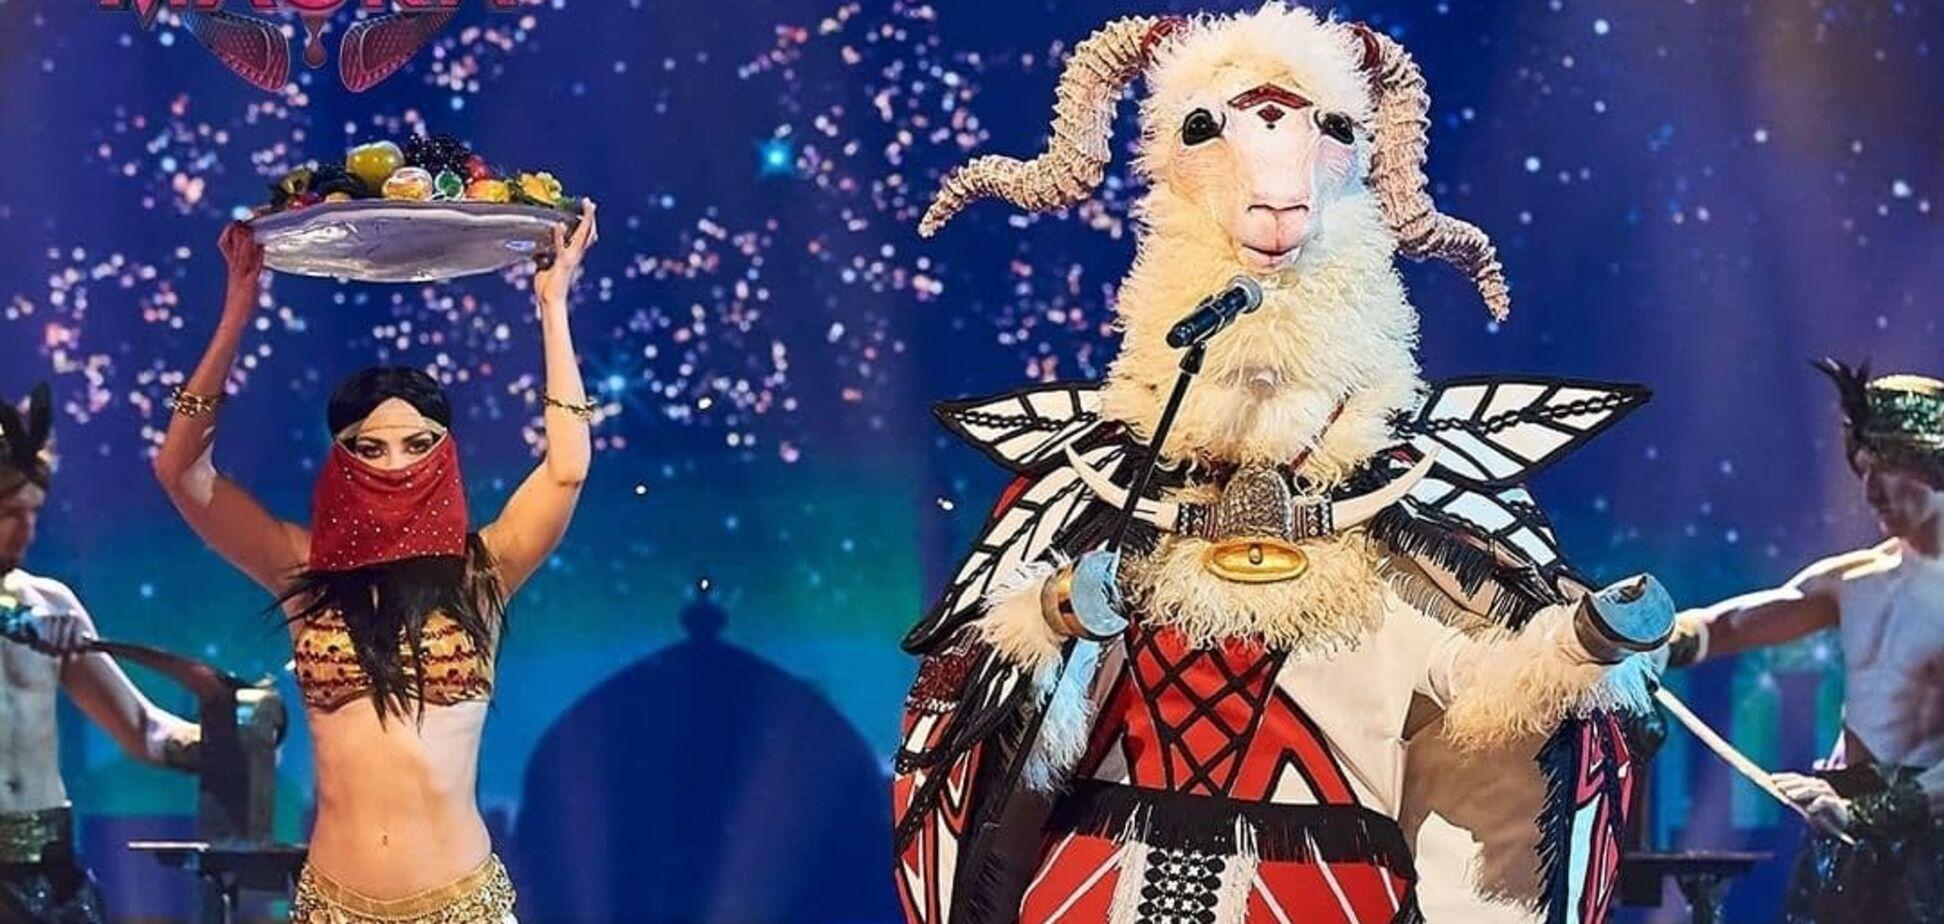 Загадочная Коза на шоу 'Маска'